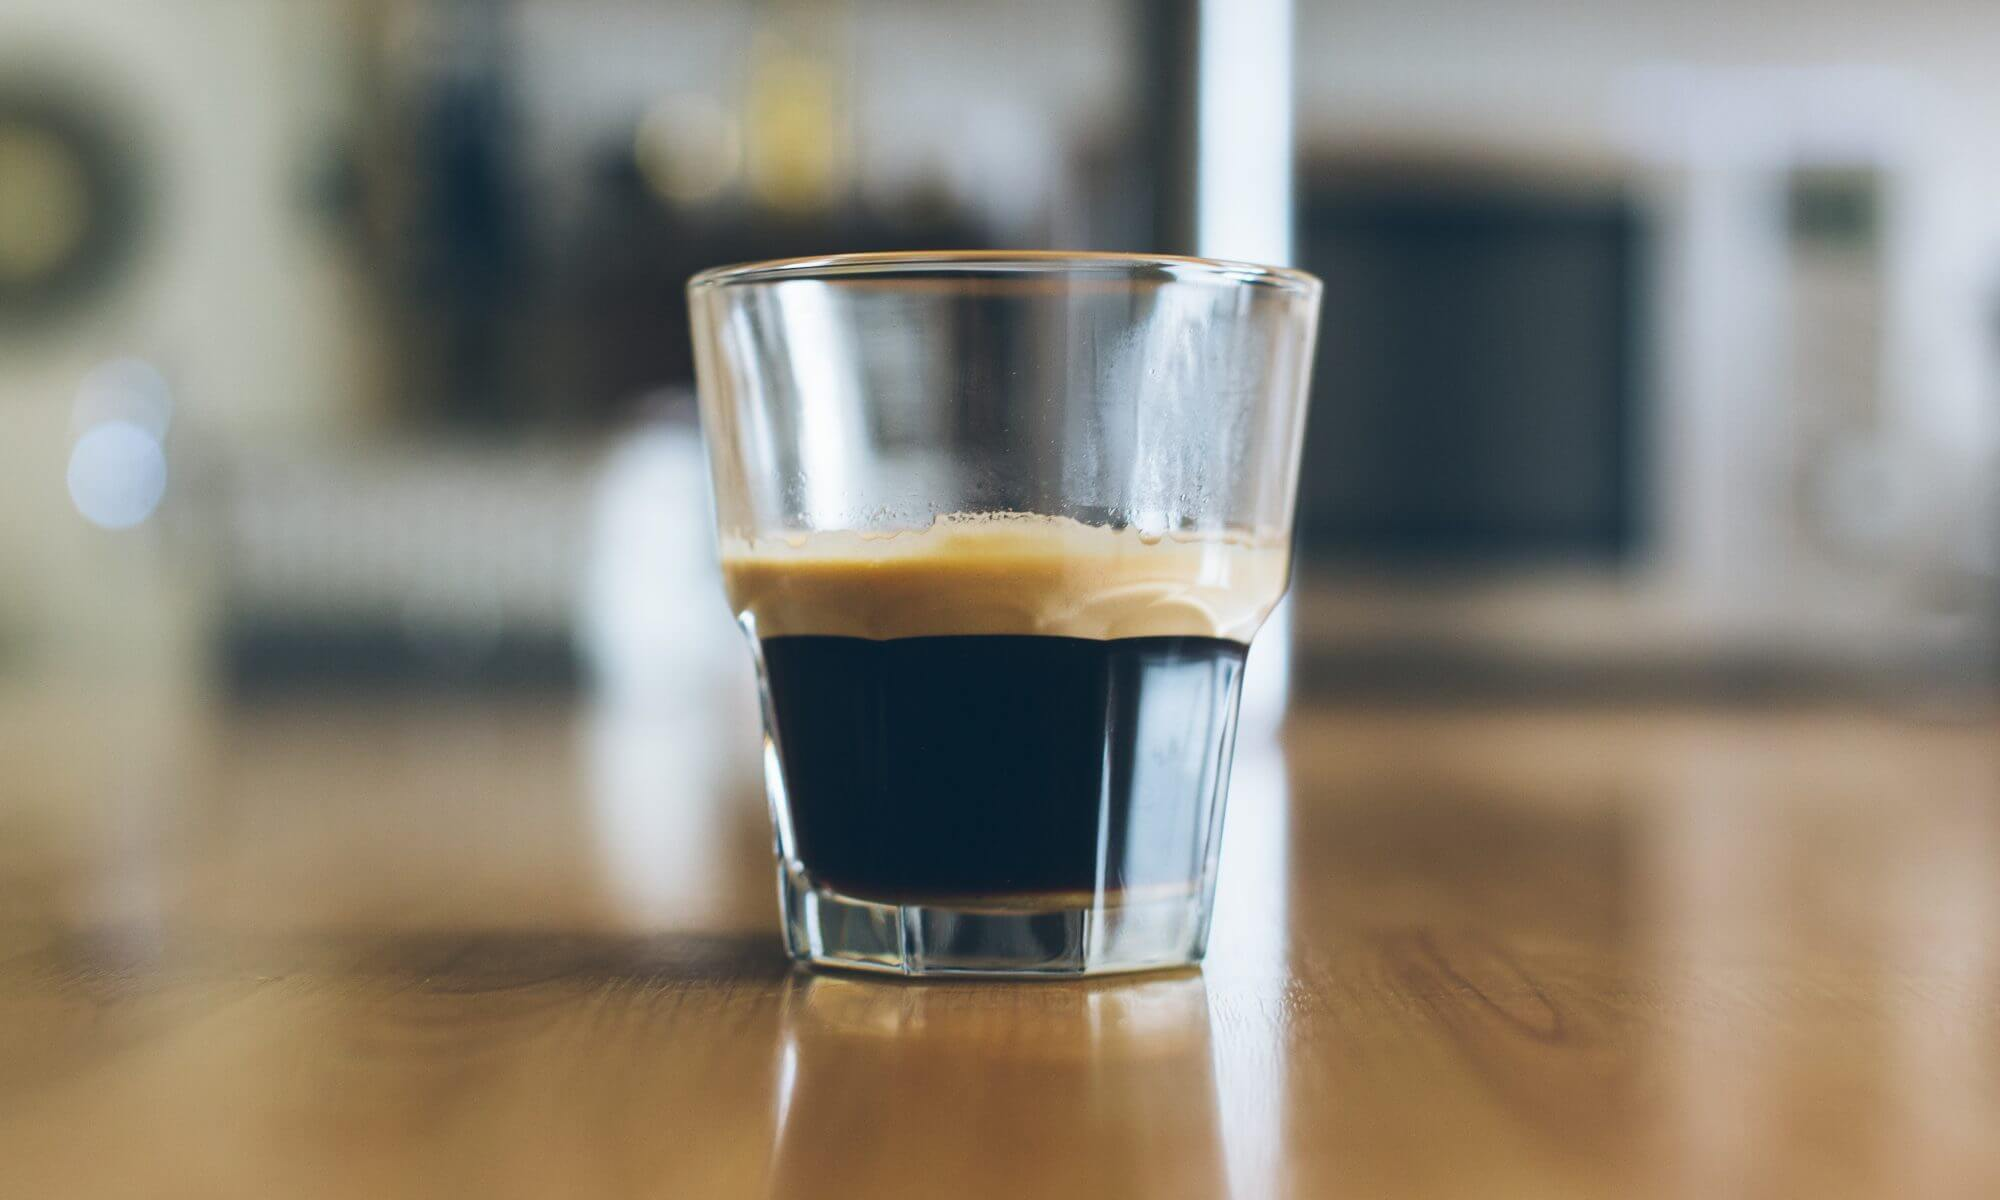 AffittiMilano Espresso - affitti e vendita immobili